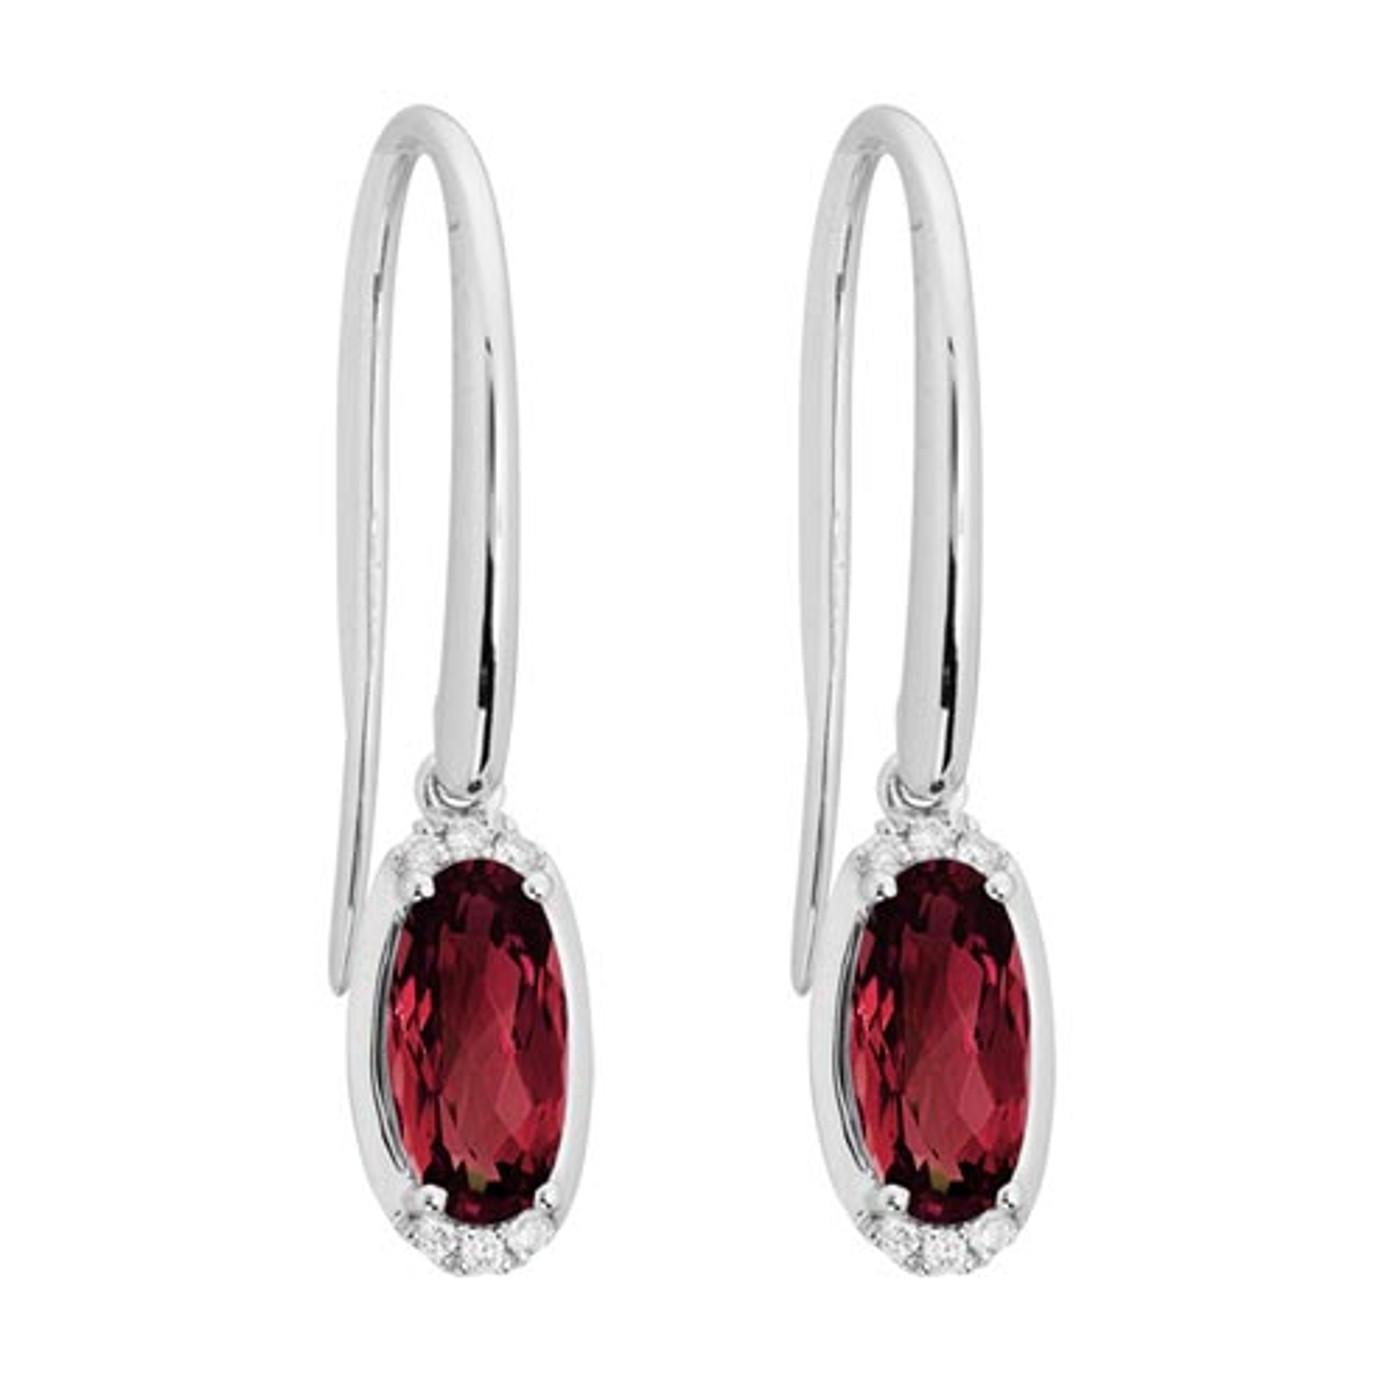 14 Karat White Gold Oval Garnet & Diamond Dangle Earrings